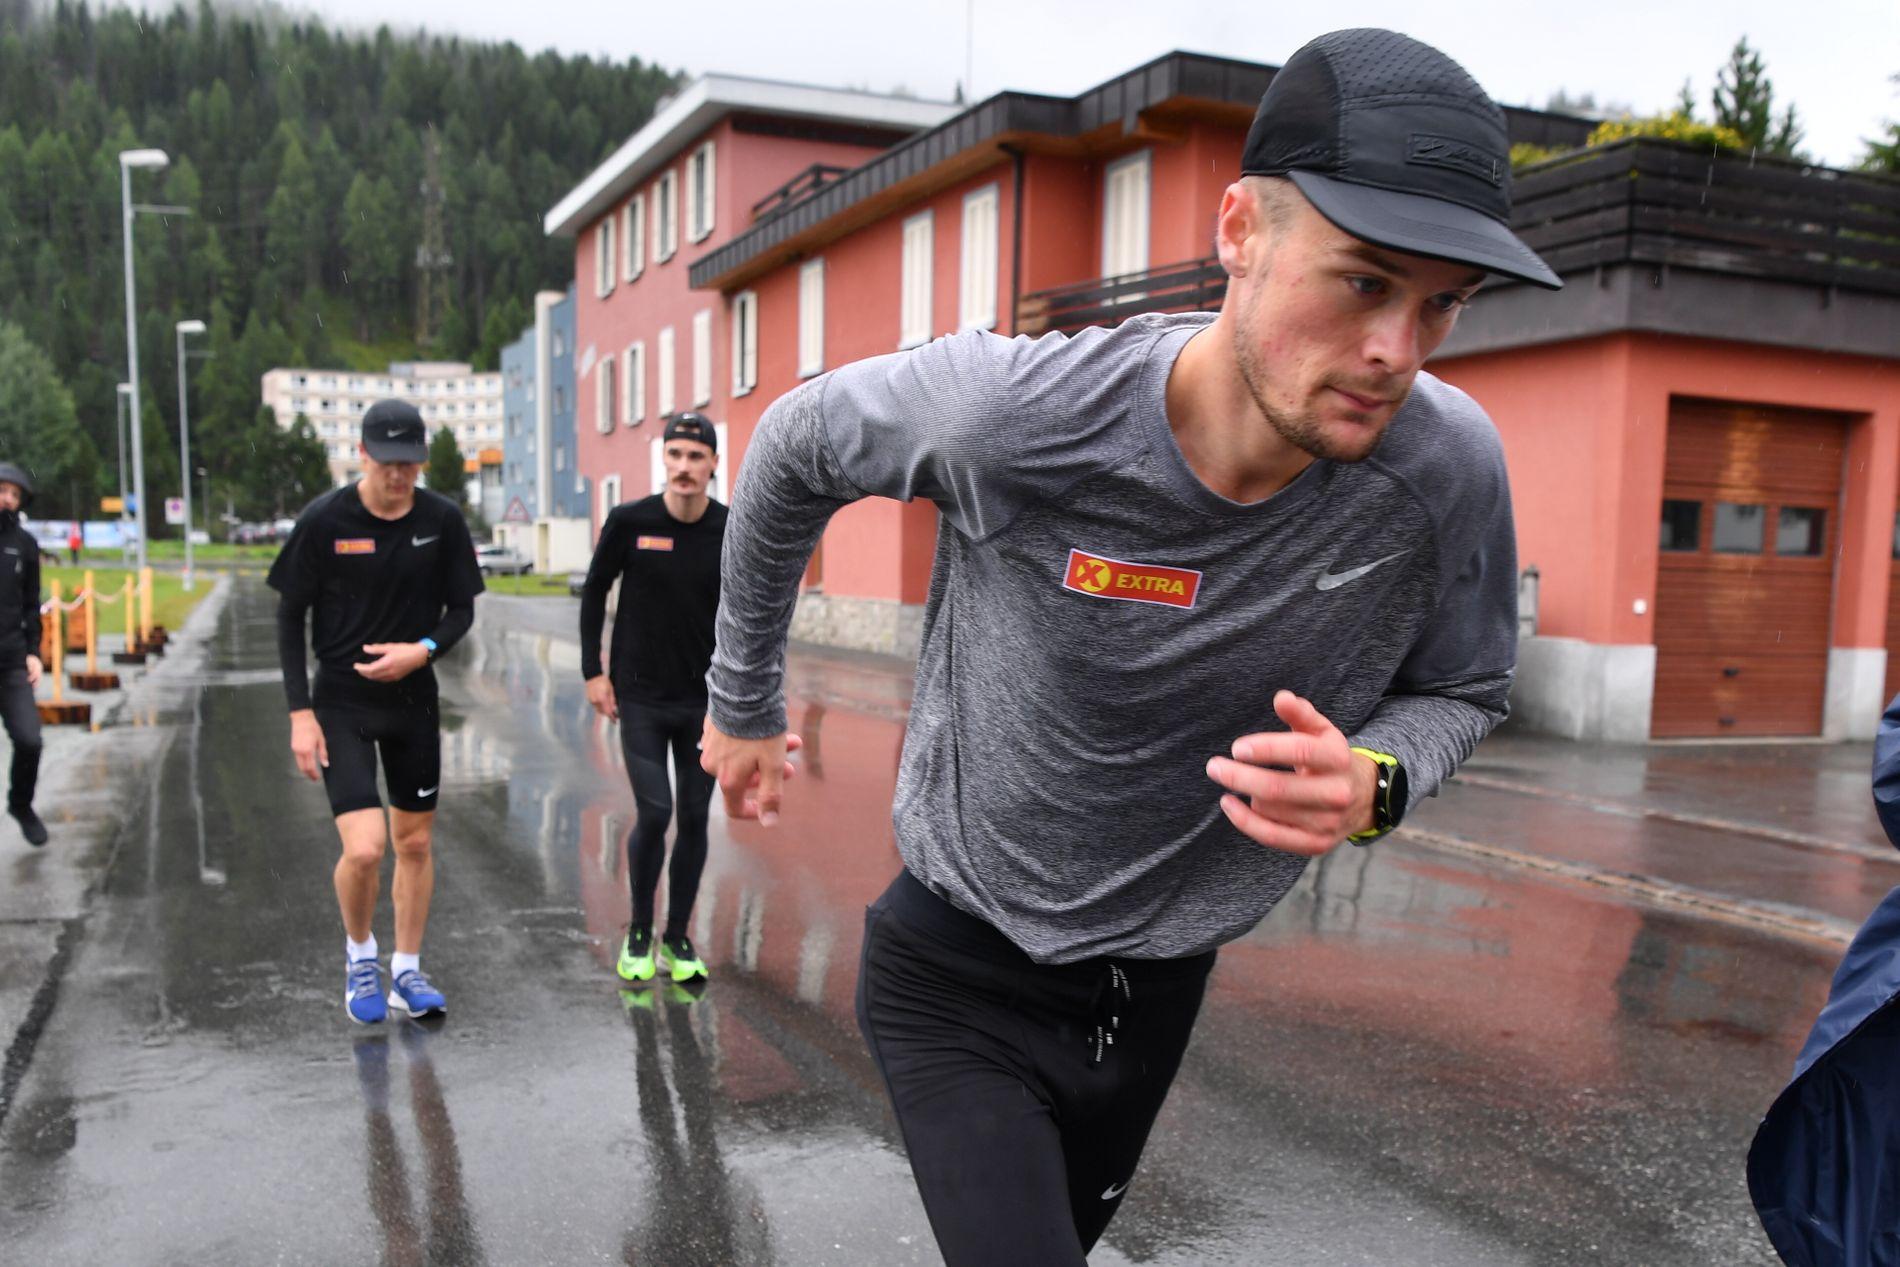 KLAR FOR VM-TEST: Filip Ingebrigtsen løper 1500 meter i Paris lørdag, sammen med og mot lillebror Jakob (bak sammen med Henrik). Bildet er fra brødrenes faste treningssted St. Moritz tirsdag for fire dager siden.